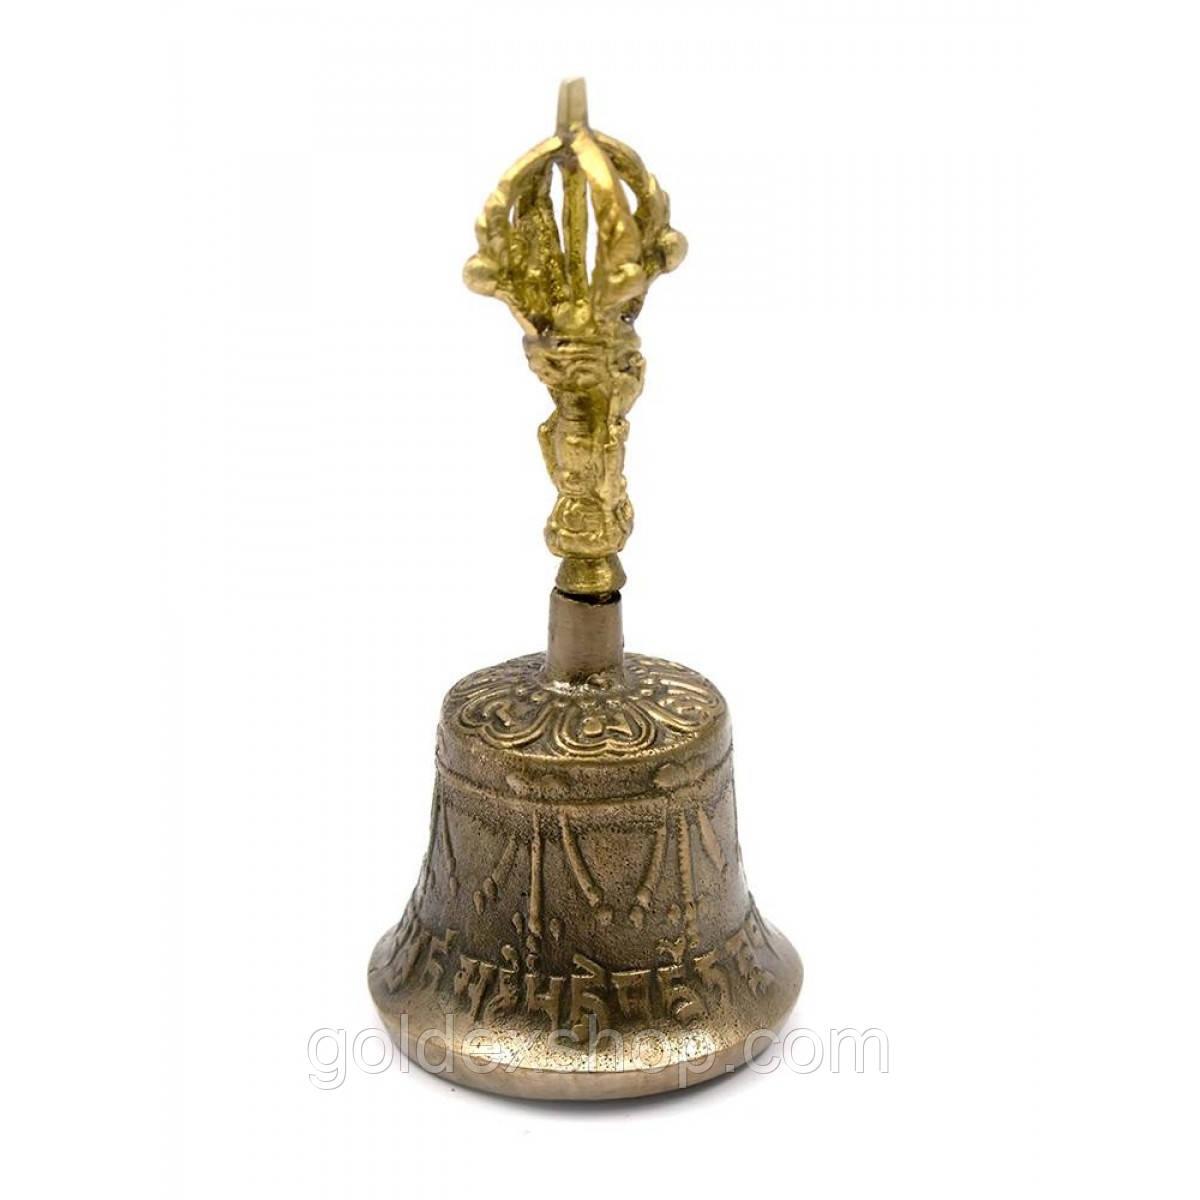 """Колокол чакровый поющий """"бронзовый"""" (диаметр 5 см) (Непал)"""